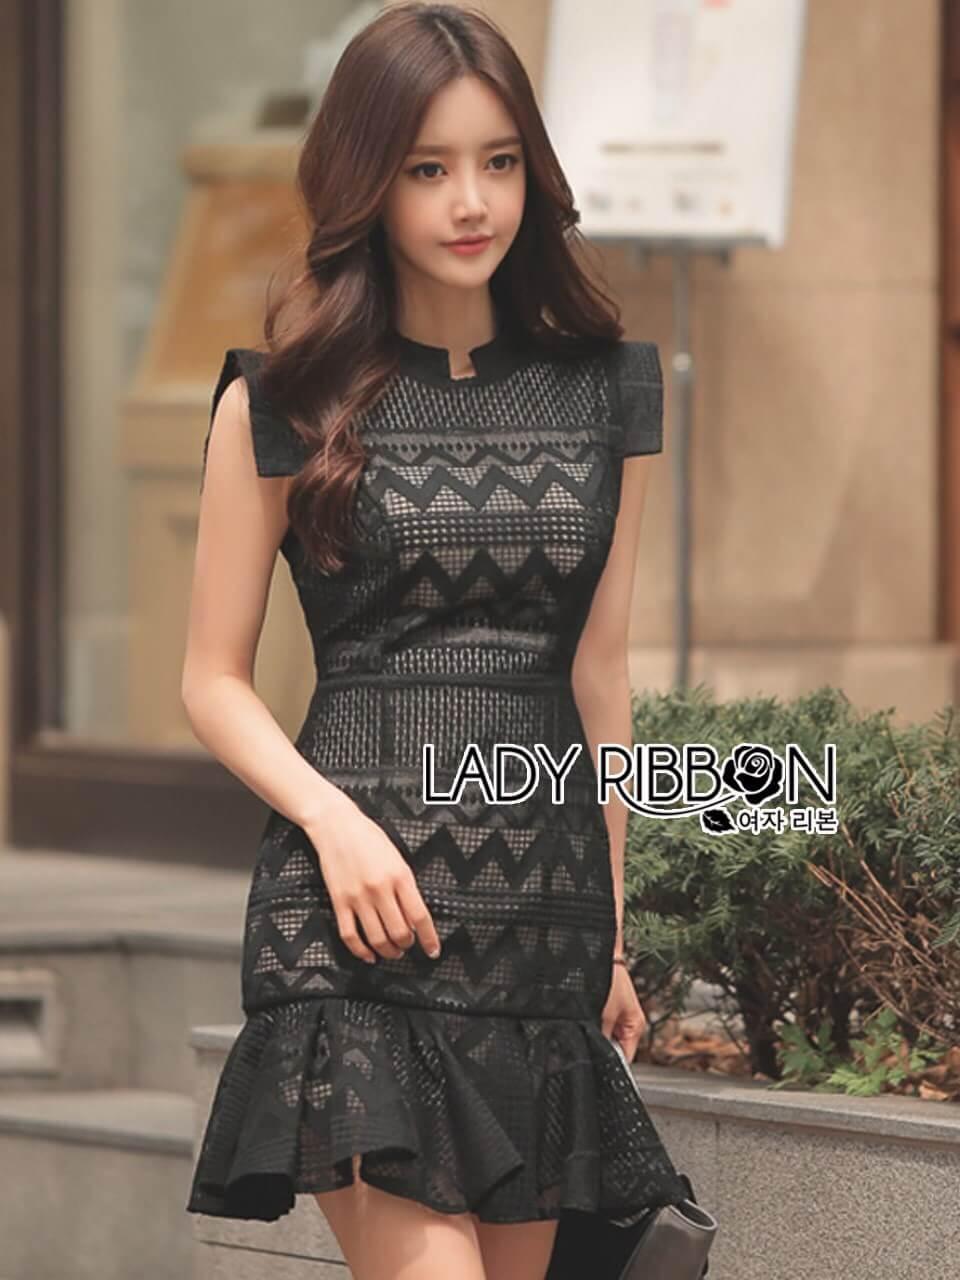 &#x1F380 Lady Ribbon's Made &#x1F380 Lady Anna Modern Sexy Graphic Lace Peplum Dress